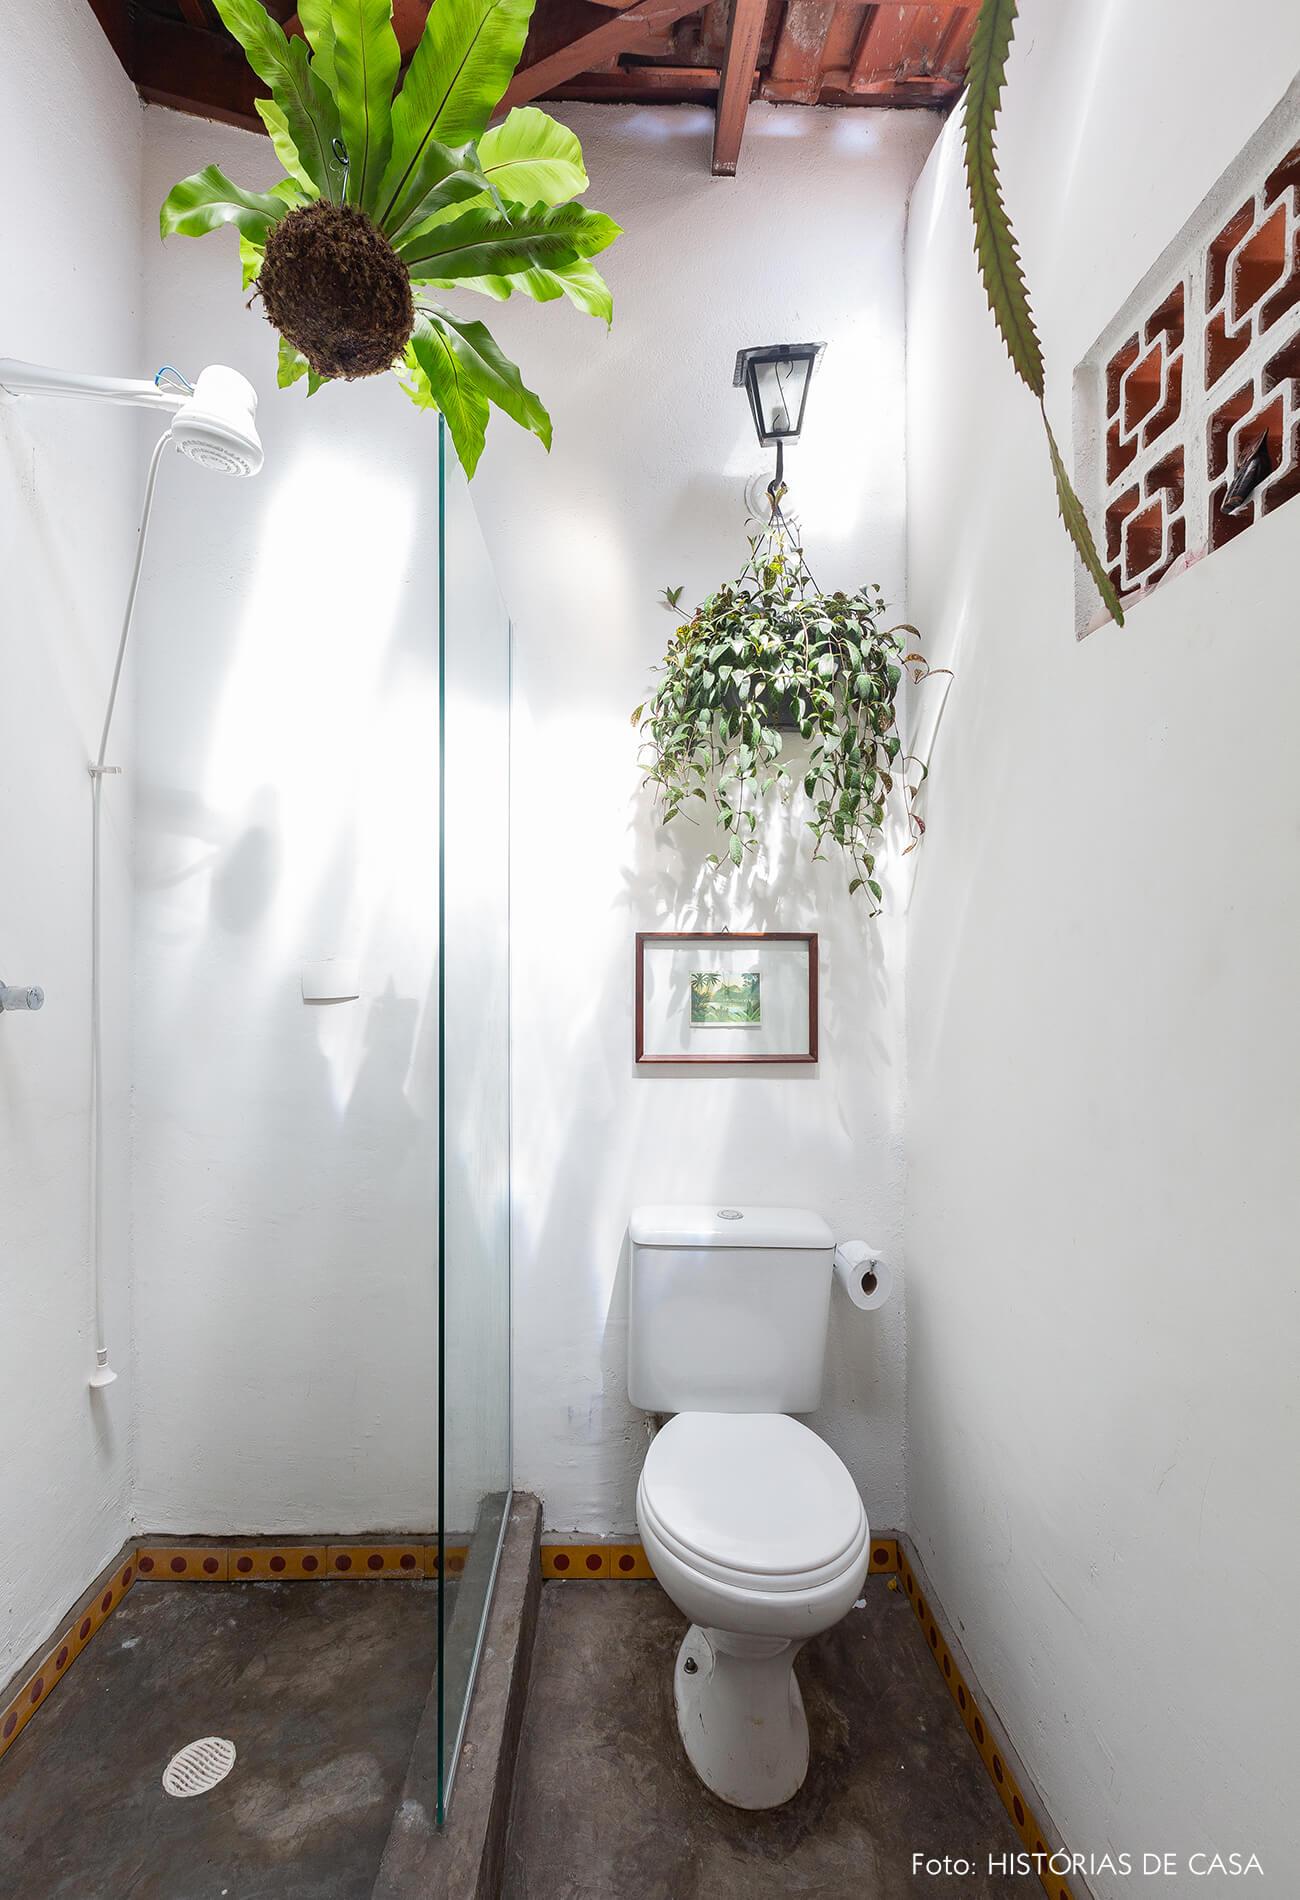 Banheiro com telhas de vidro e plantas